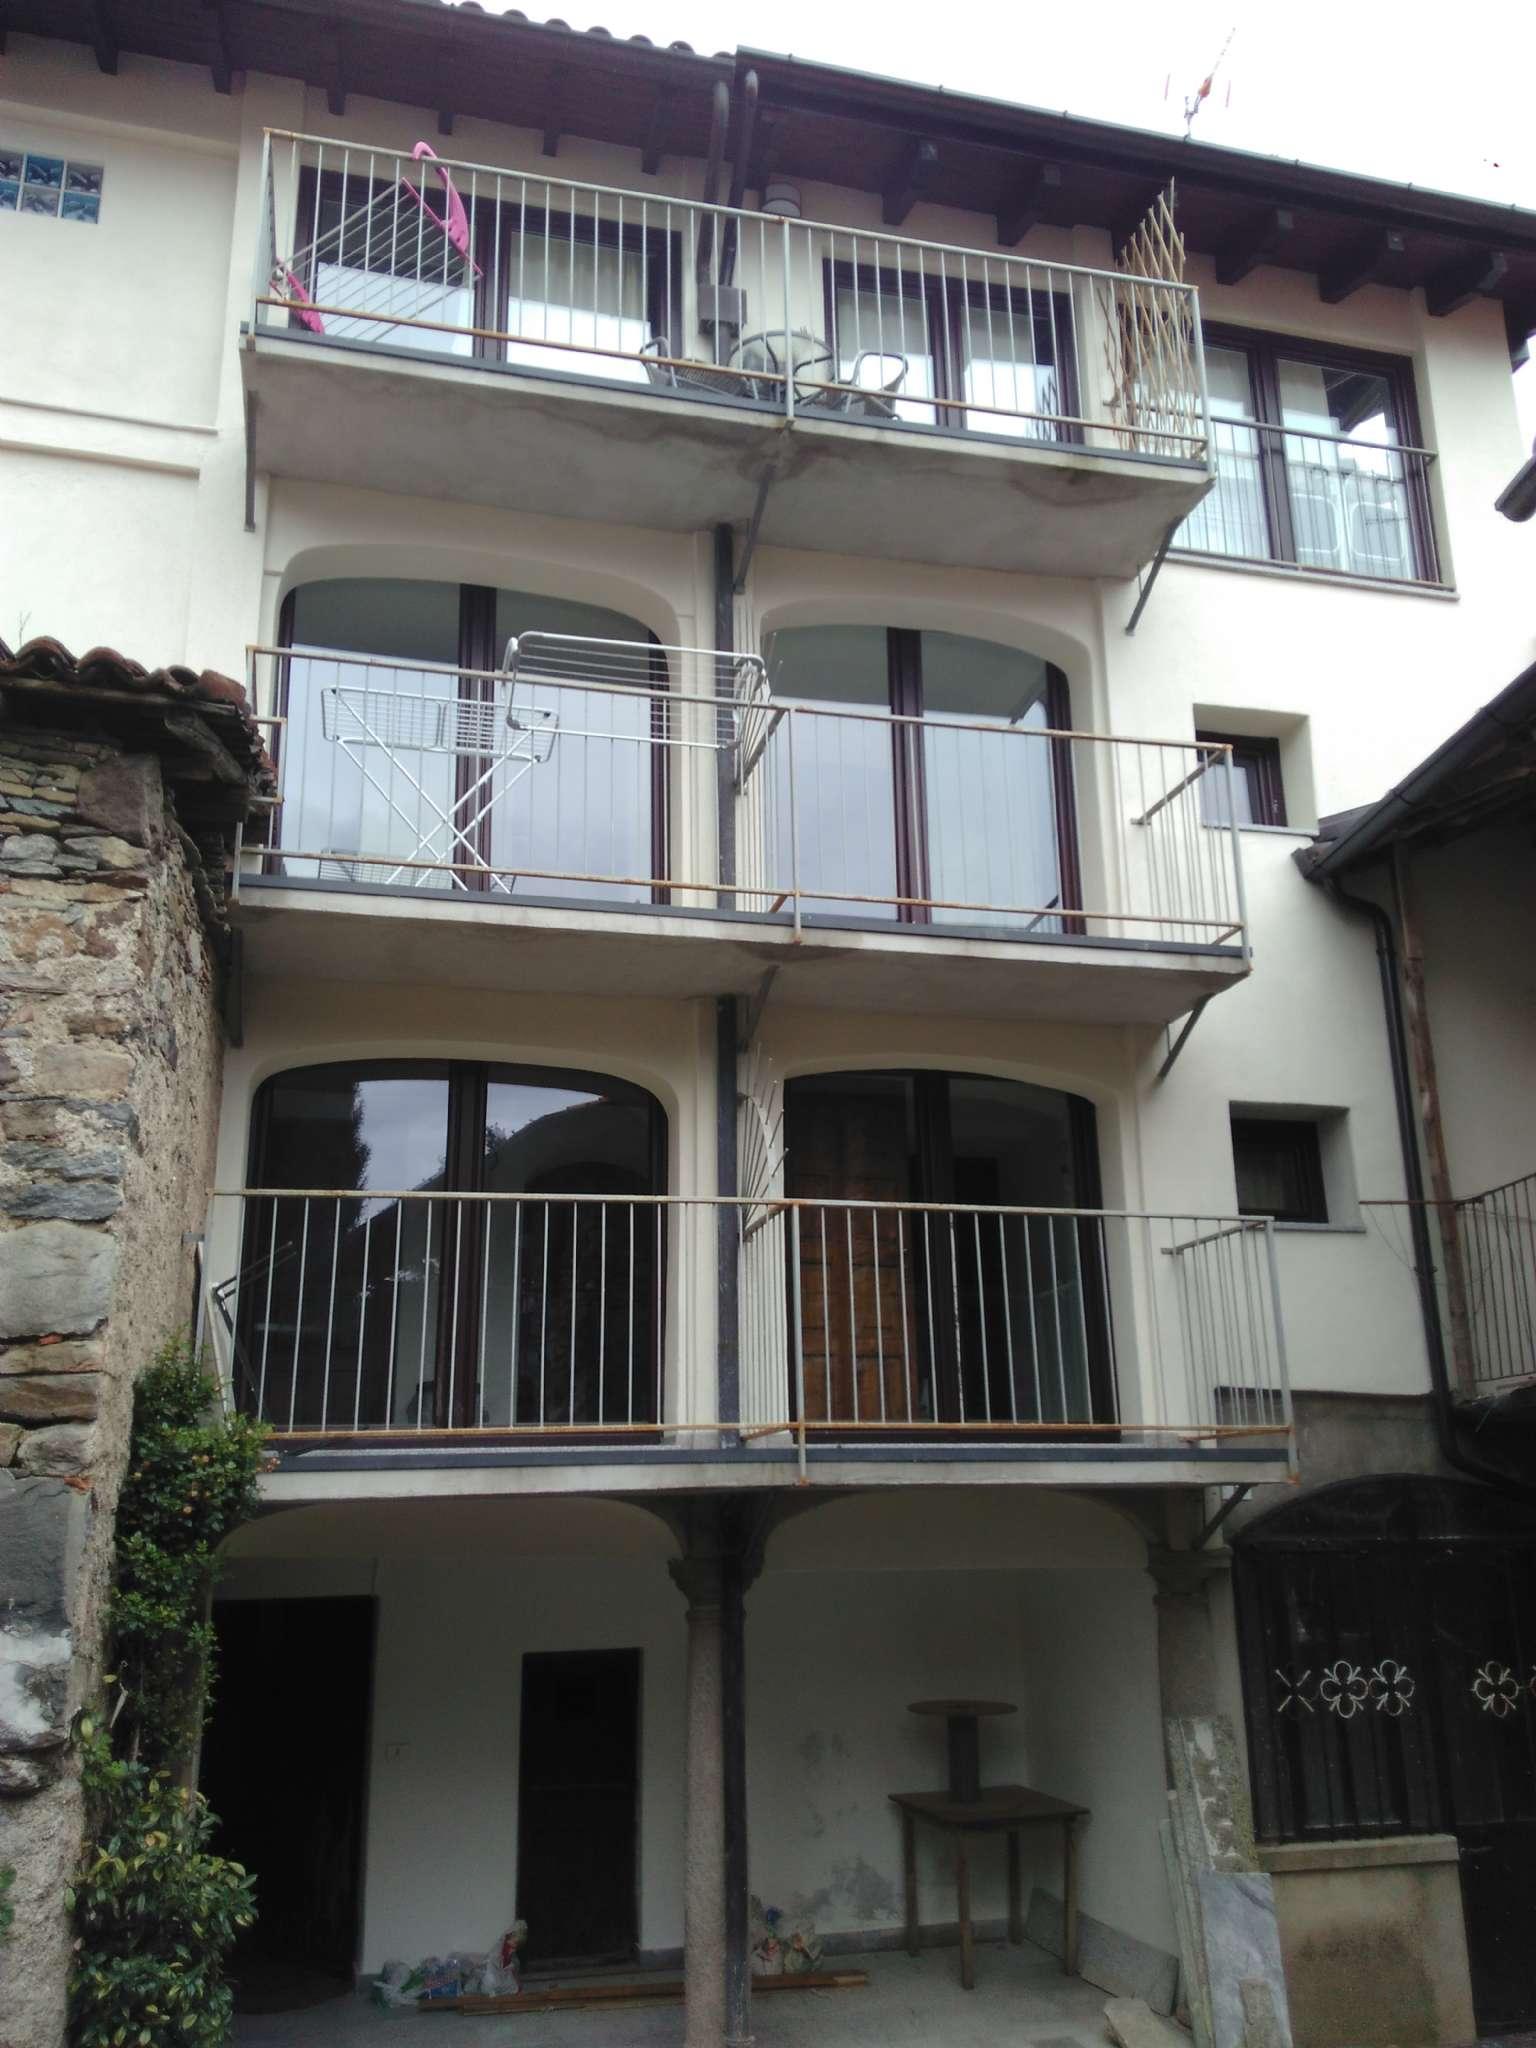 Appartamento in vendita a Cadegliano-Viconago, 2 locali, prezzo € 65.000 | CambioCasa.it